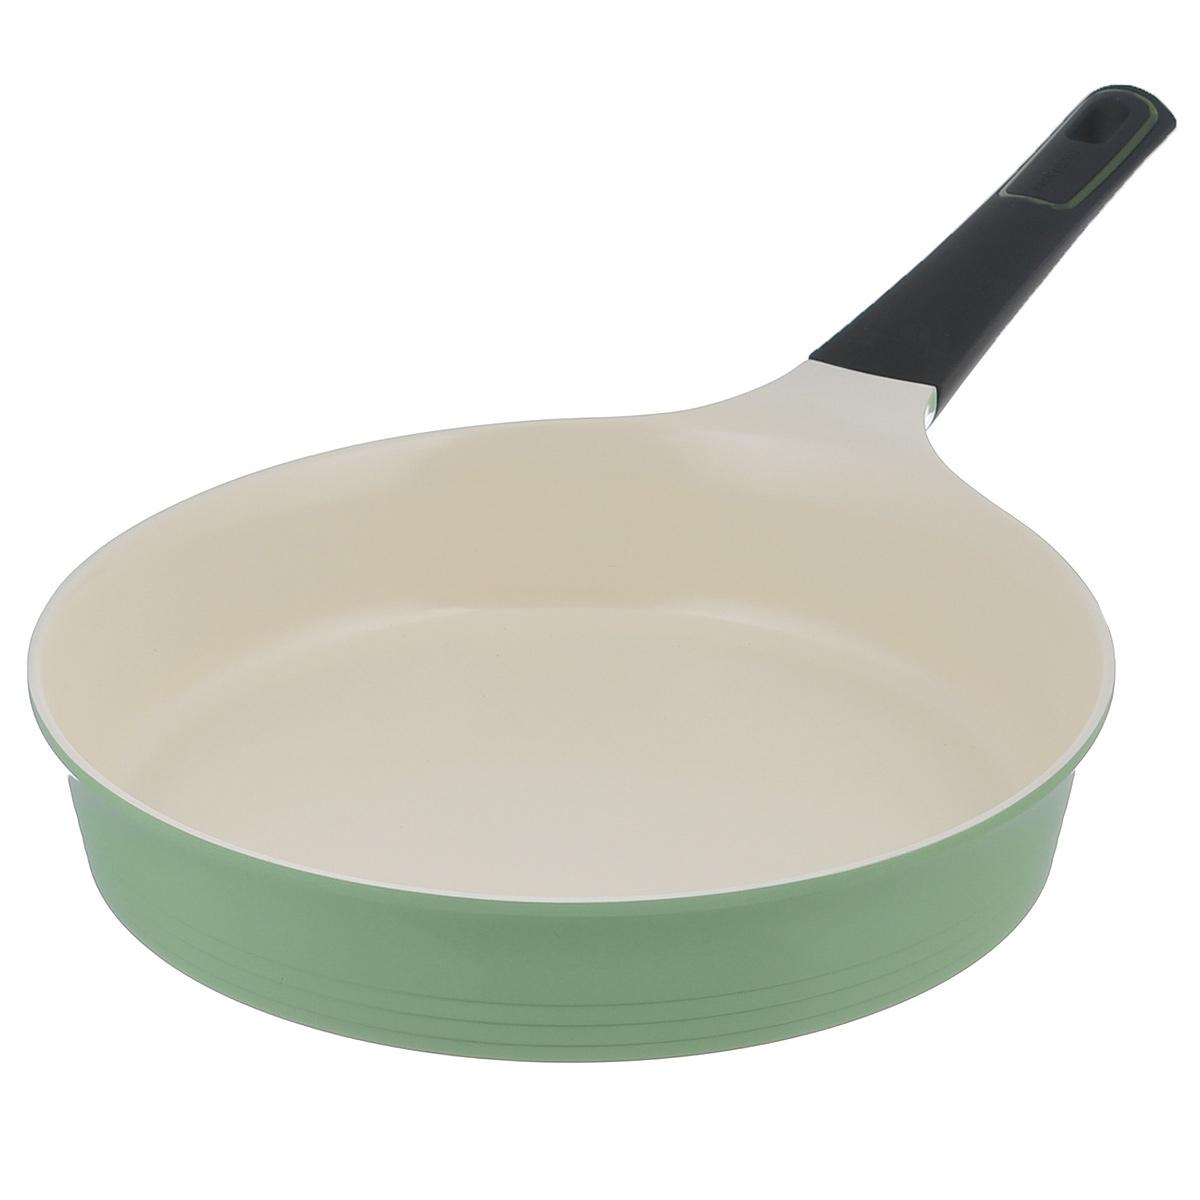 Сковорода Frybest Evergreen, с керамическим покрытием, цвет: зеленый. Диаметр 28 см00000002743Сковорода Frybest Evergreen выполнена из литого алюминия с инновационным керамическим покрытием Ecolon, в производстве которого используются природные материалы - камни и песок. Особенности сковороды Frybest Evergreen: - мощная основа из литого алюминия, специальное утолщенное дно для идеальной теплопроводности, - эргономичная, удлиненная Soft-touch ручка всегда остается холодной, - керамическое антипригарное покрытие, позволяющее готовить практически без масла, - керамика как внутри, так и снаружи, легко готовить - легко мыть, - непревзойдненная прочность и устойчивость к царапинам, - слой анионов (отрицательно заряженных ионов), обладающих антибактериальными свойствами, они намоного дольше сохраняют приготовленную пищу свежей, - отсутствие токсичных выделений в процессе приготовления пищи, - изысканное сочетание зеленого внешнего и нежного кремового внутреннего керамического покрытия. Сковорода подходит для...